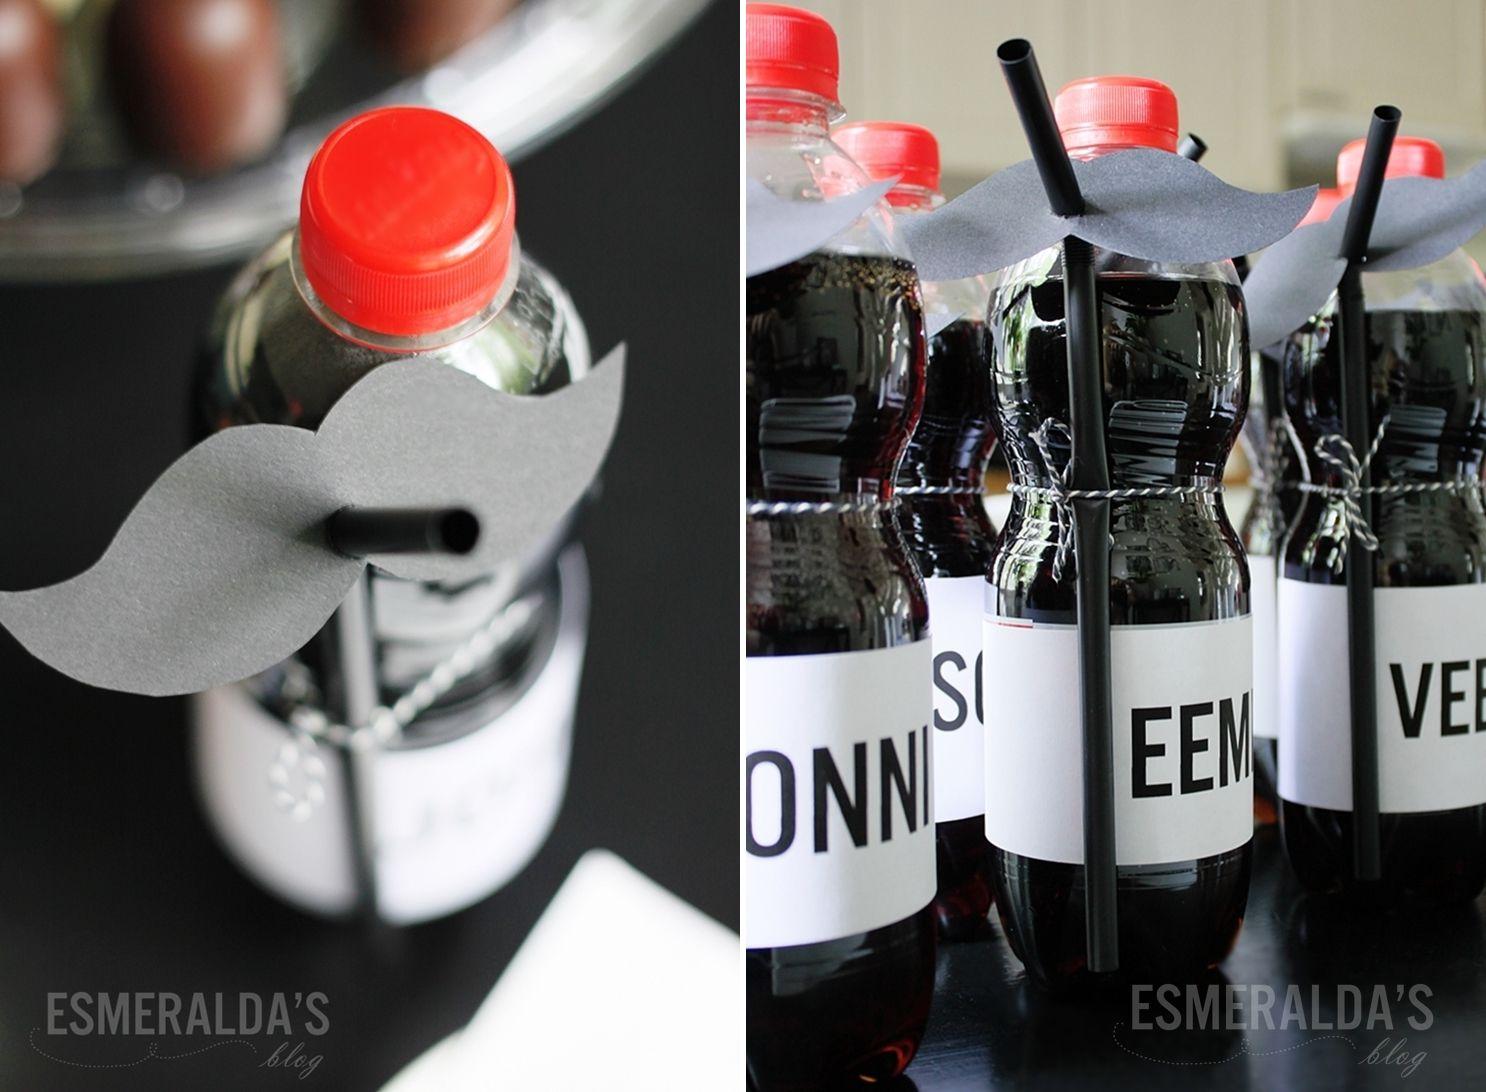 Esmeralda's